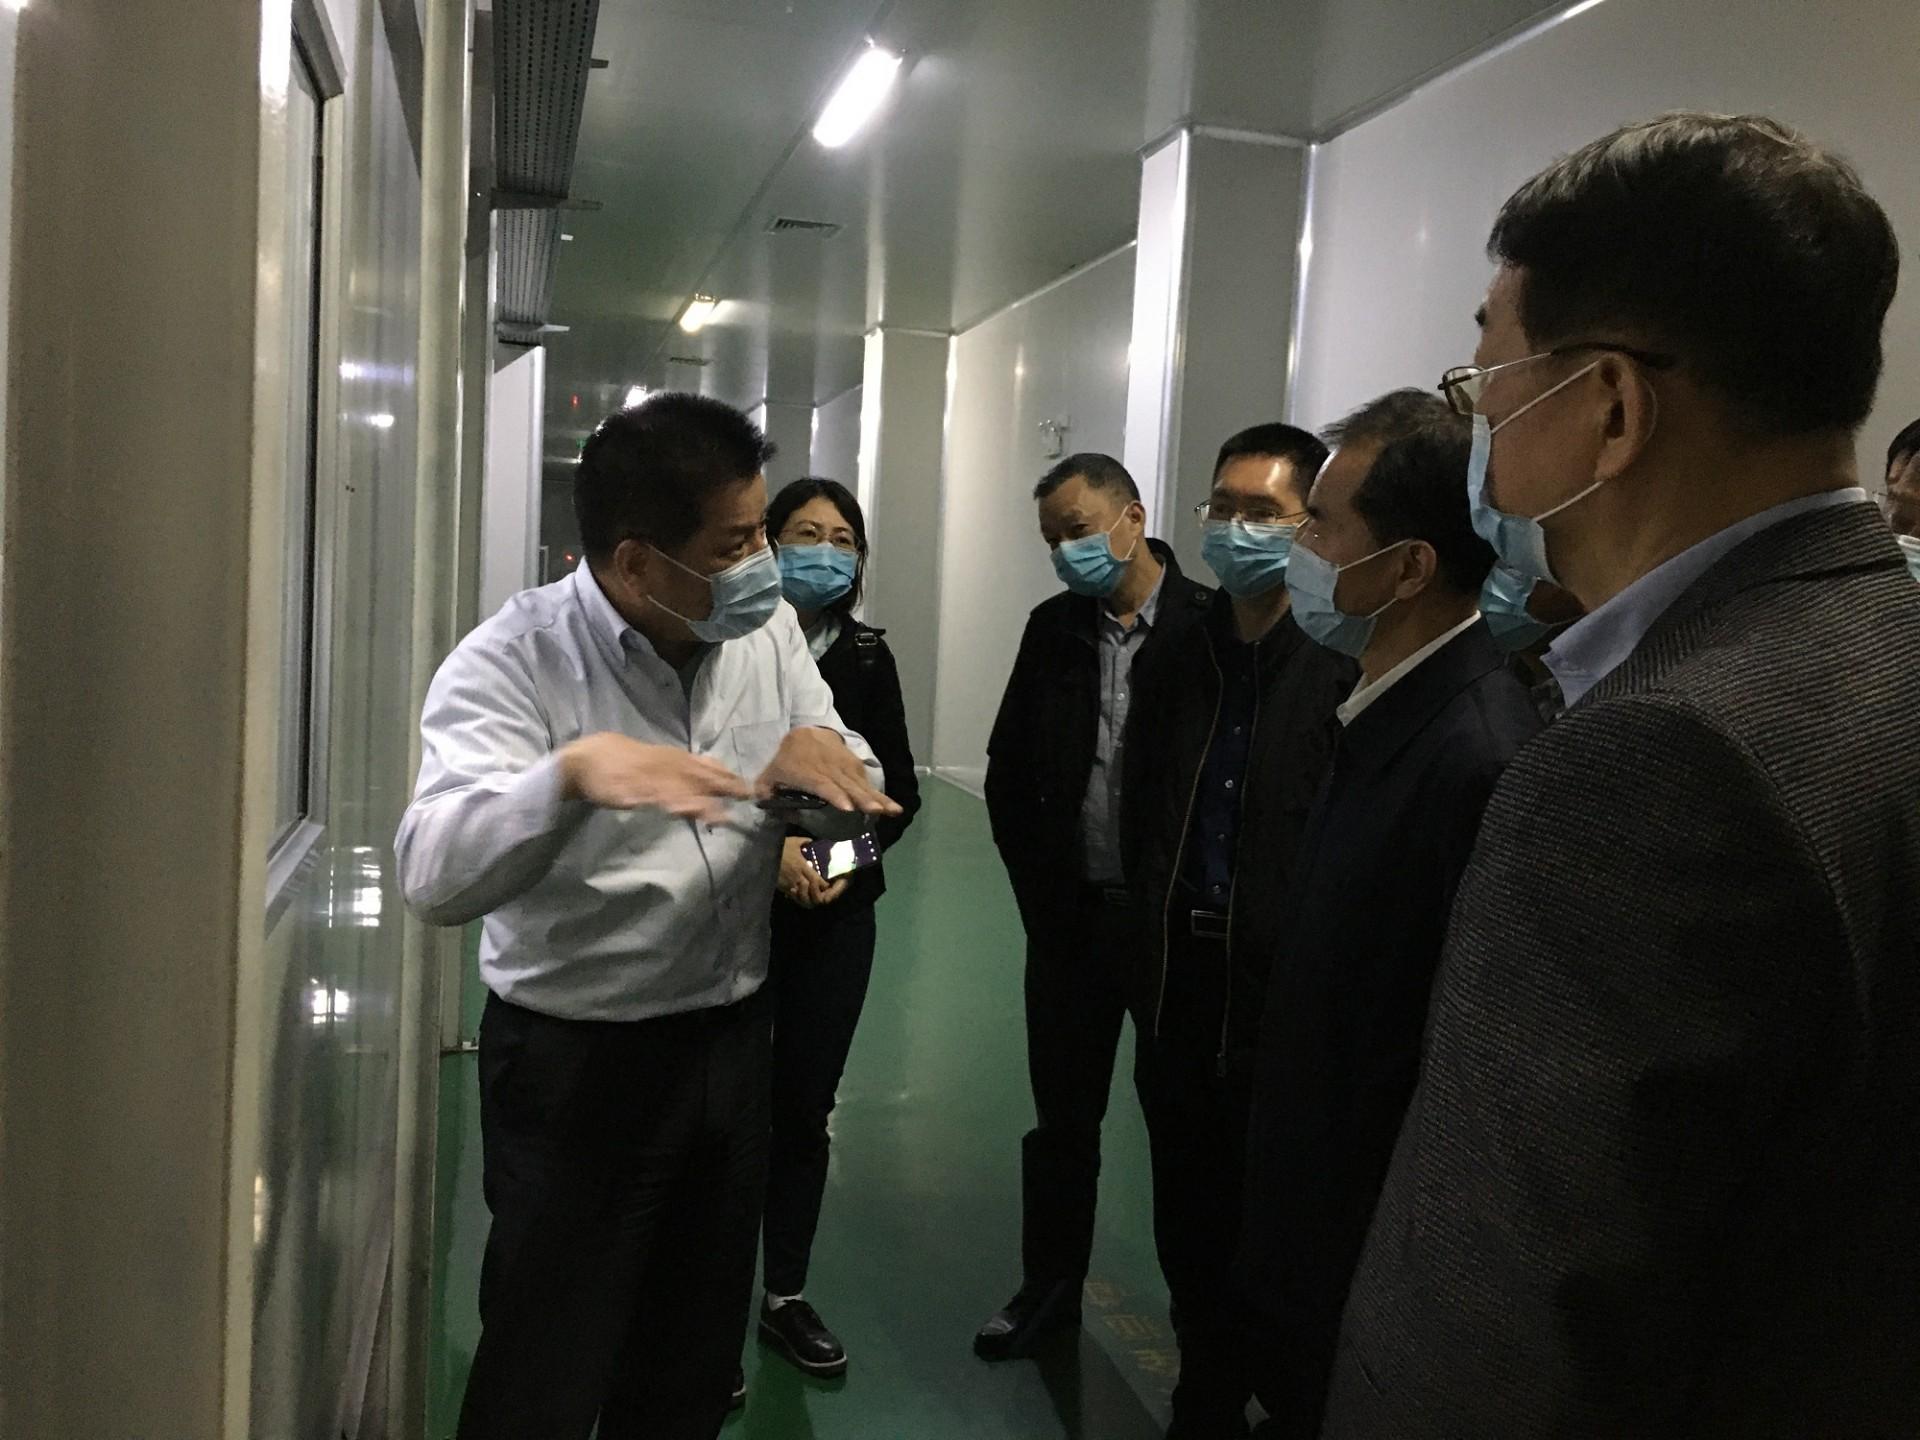 四(si)川(chuan)省政協副主(zhu)席(xi)陳放博士率隊來到龍華薄膜調研